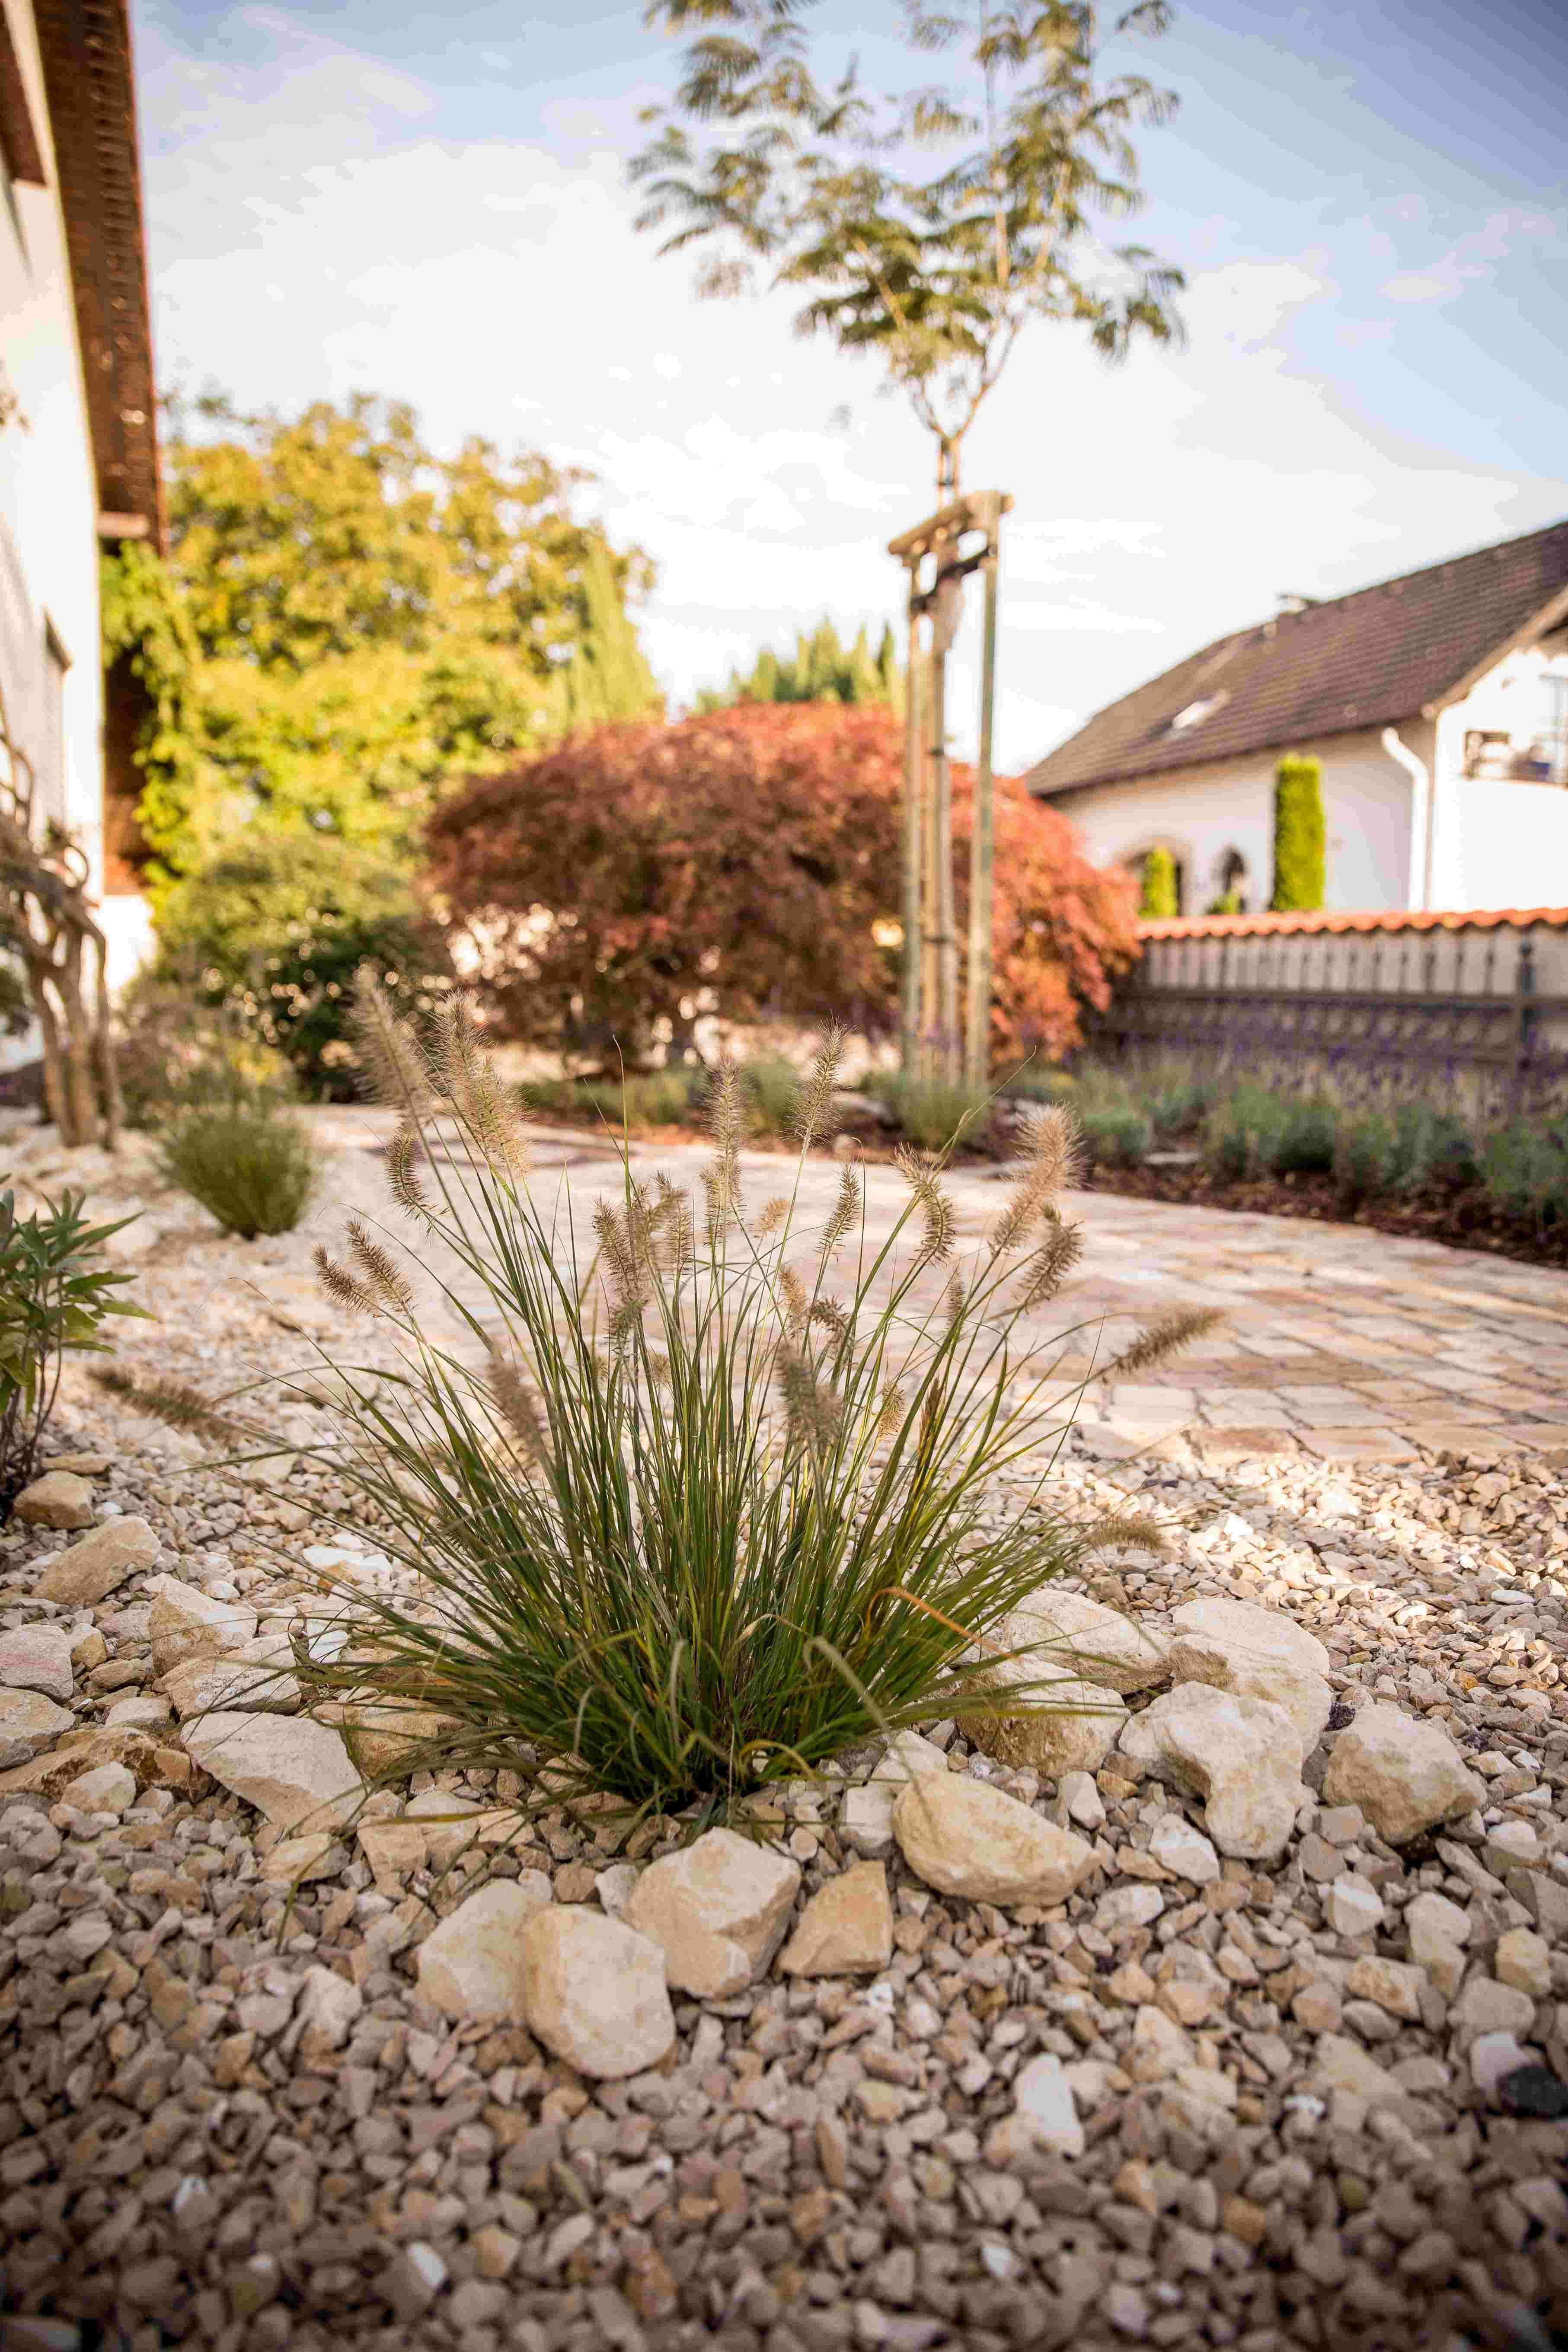 Herrle Garten- und Landschaftsbau